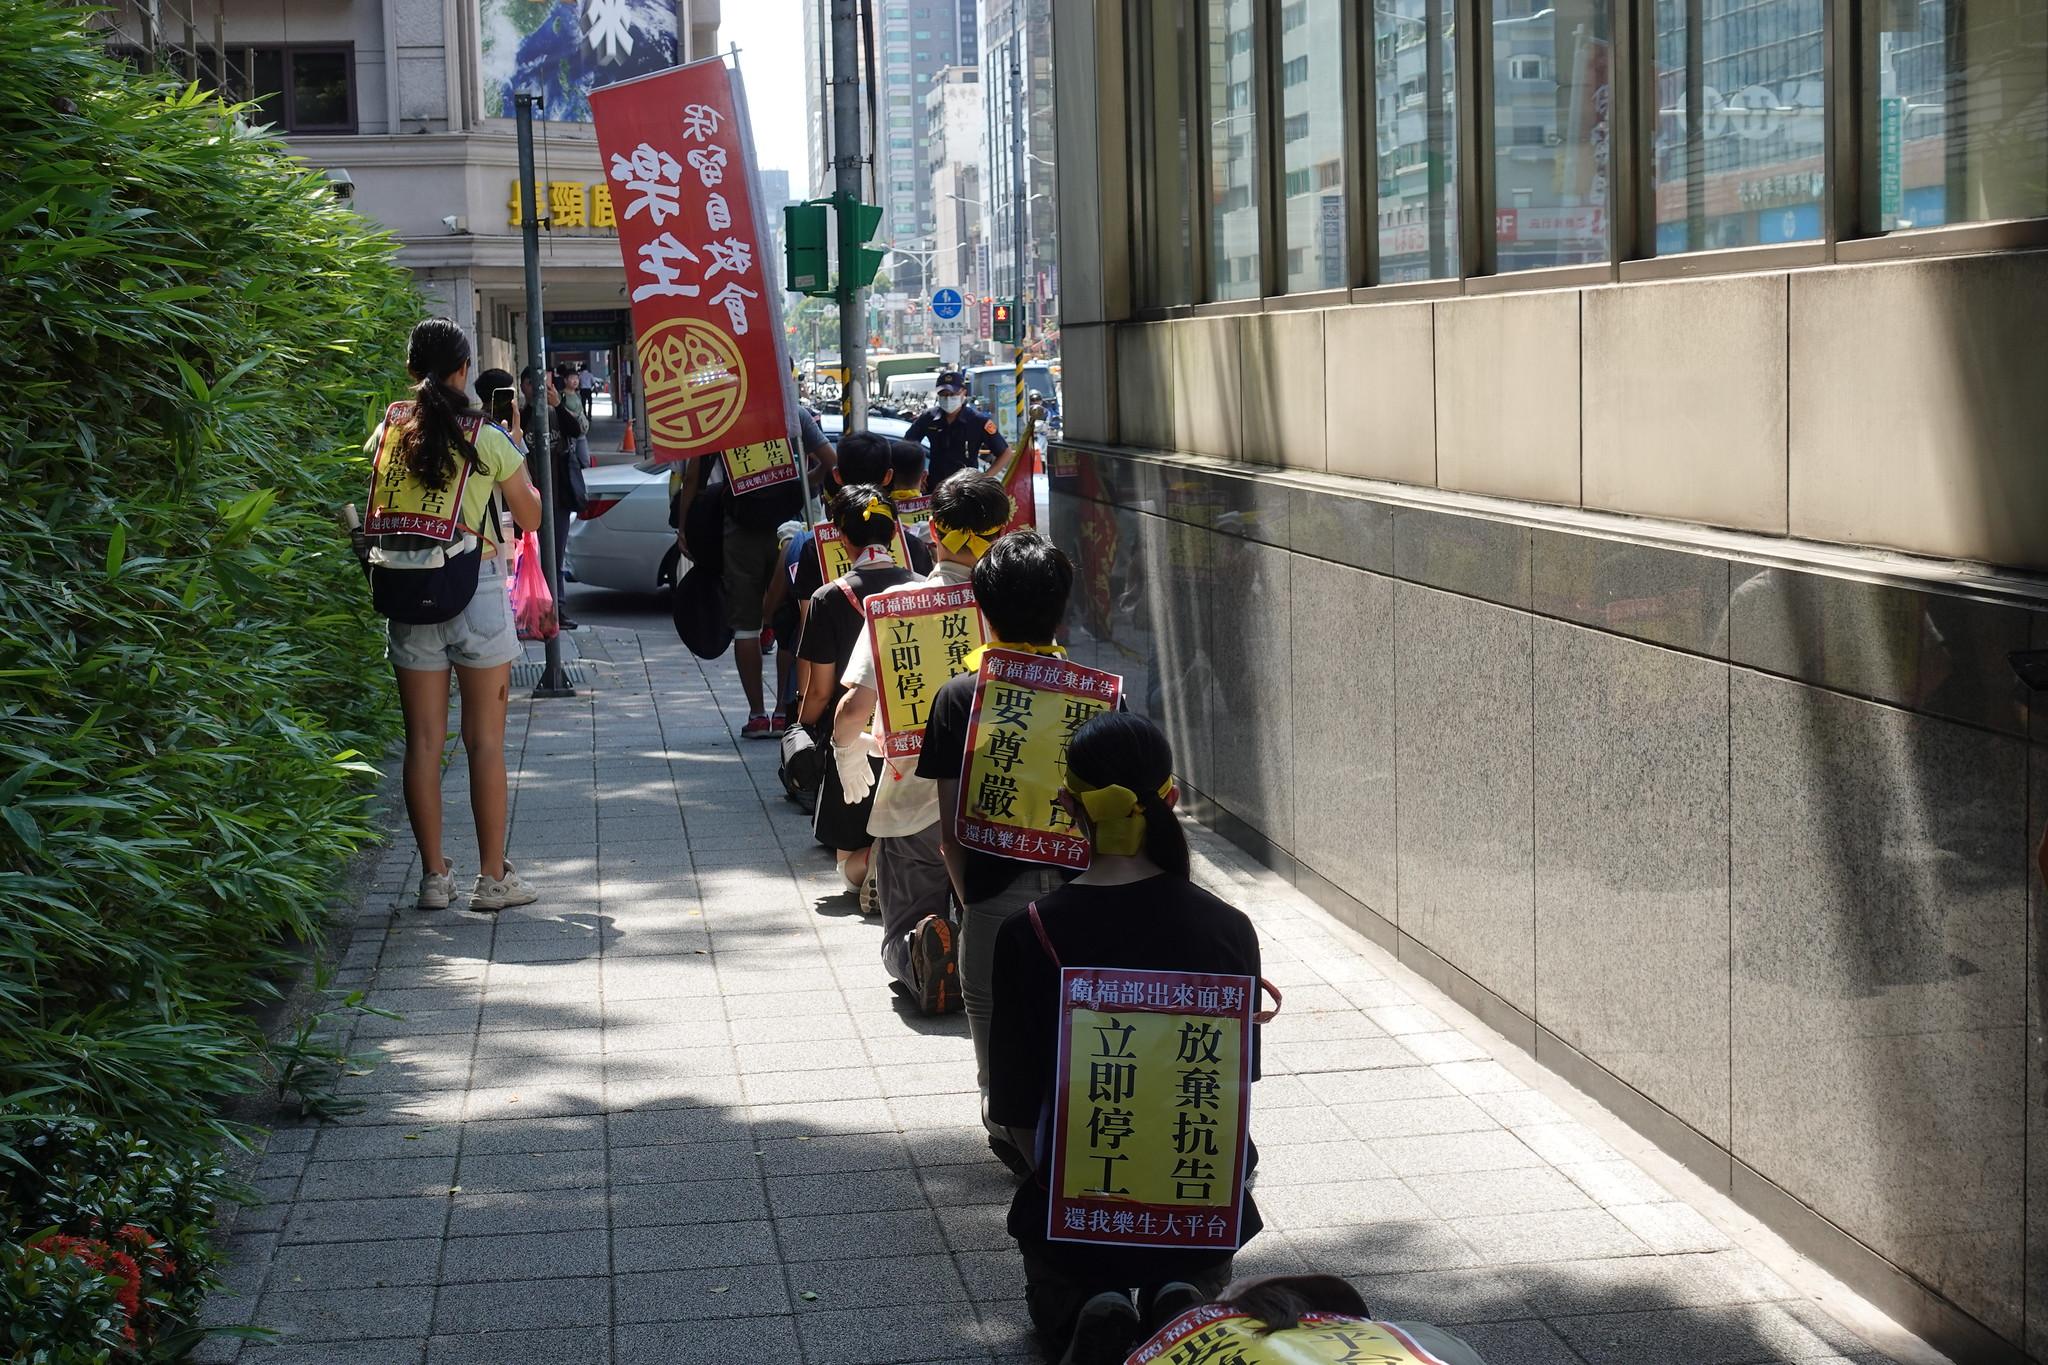 樂青在烈日下六步一跪苦行,從行政院出發前往衛福部。(攝影:張智琦)